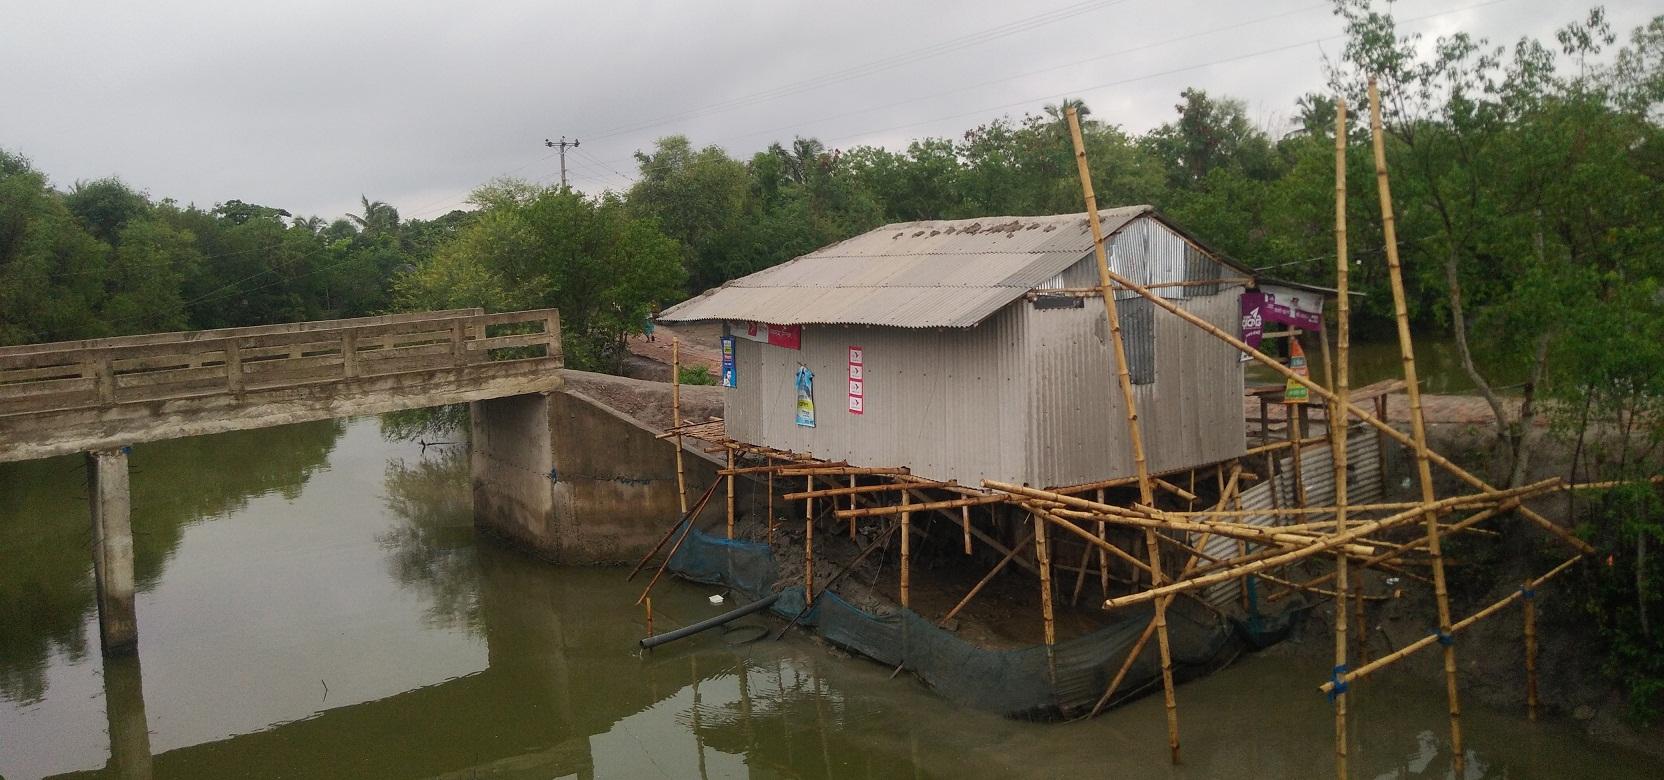 বুড়িগোয়ালিনীতে সরকারি খাল দখলের অভিযোগ